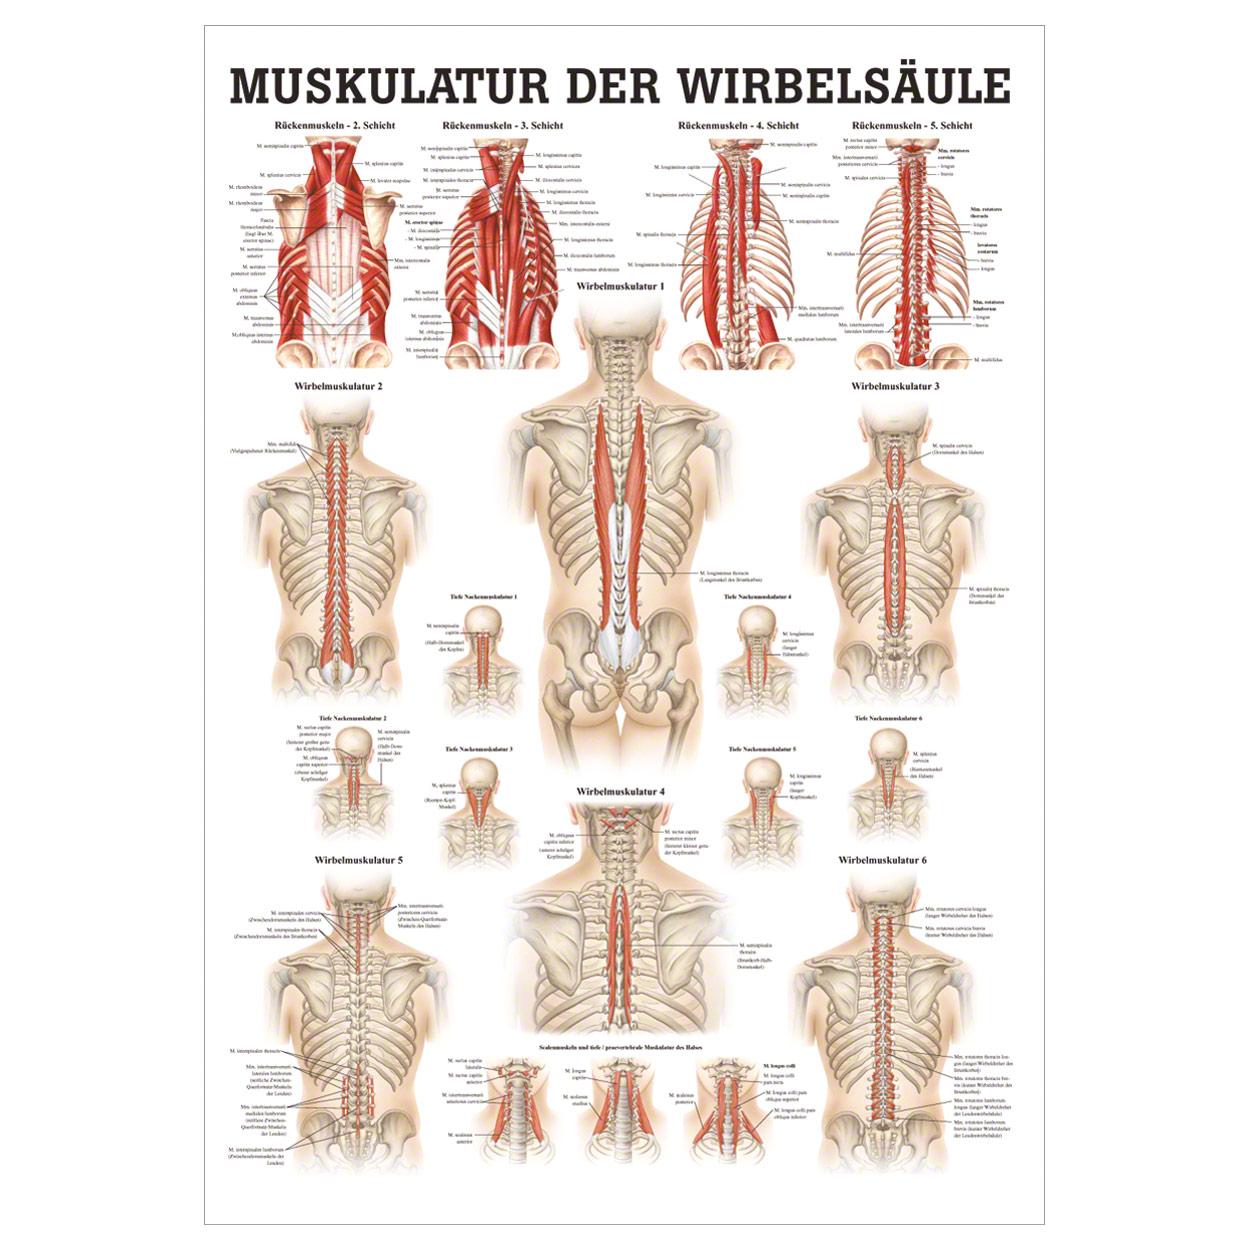 Ziemlich Muskelanatomie Poster Galerie - Anatomie Ideen - finotti.info